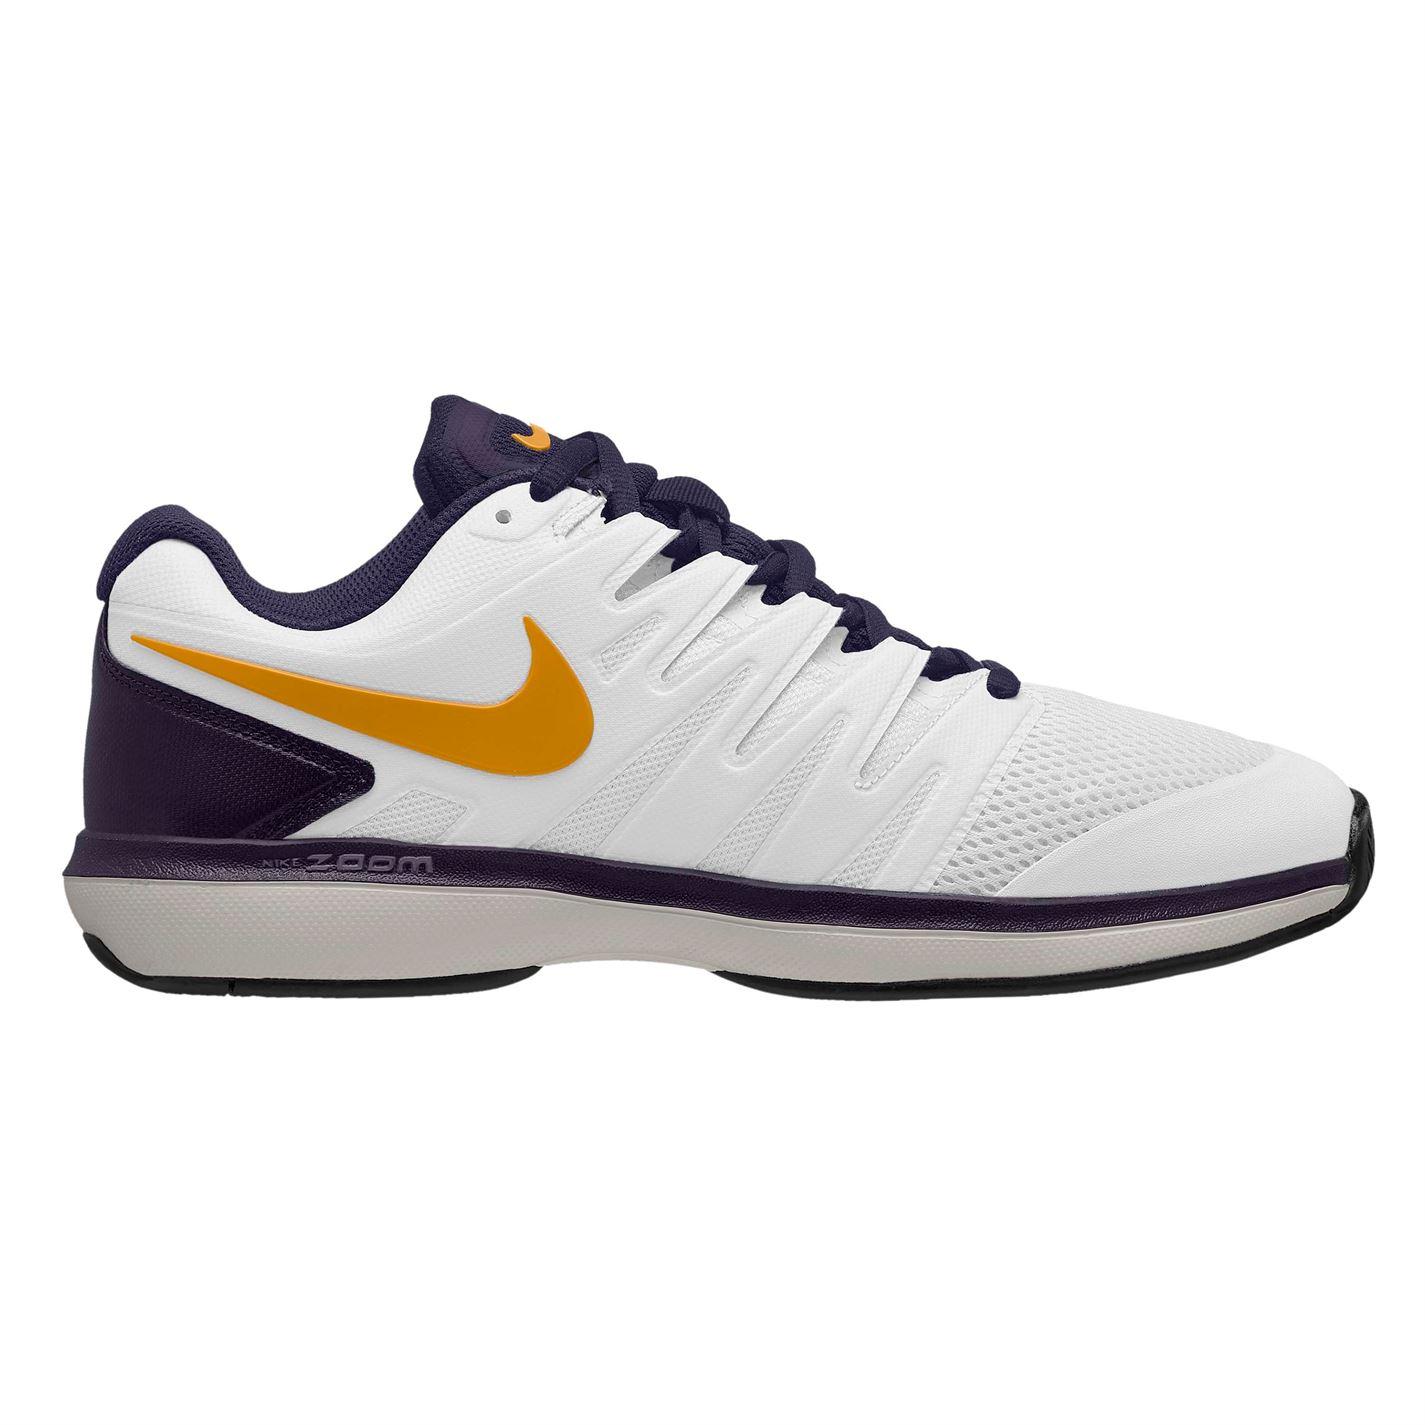 boty Nike Air Zm Prestige Sn91